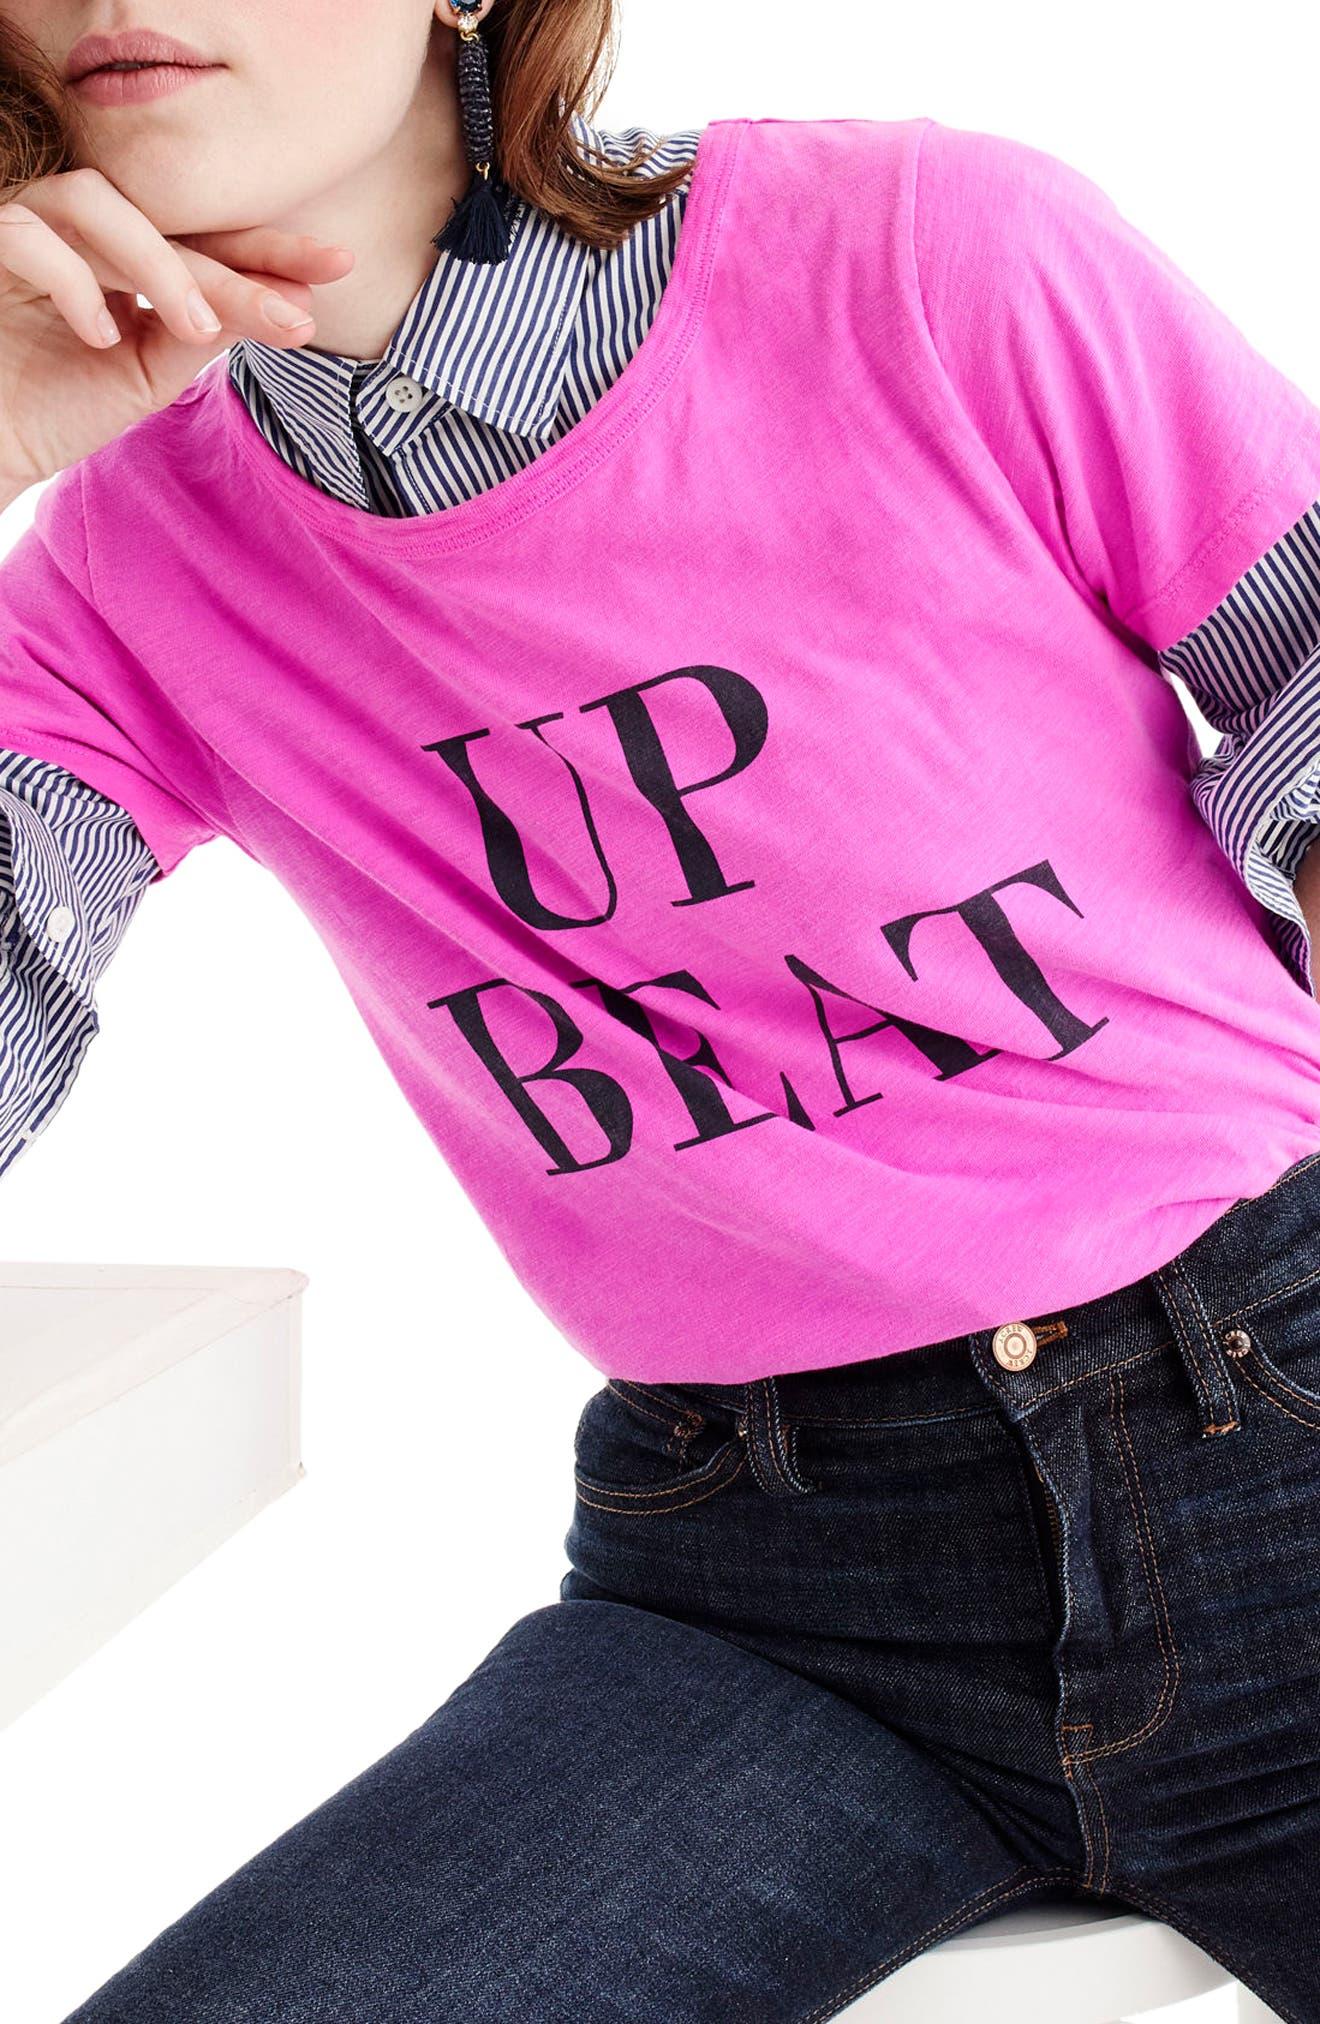 Up Beat Tee,                             Main thumbnail 1, color,                             650